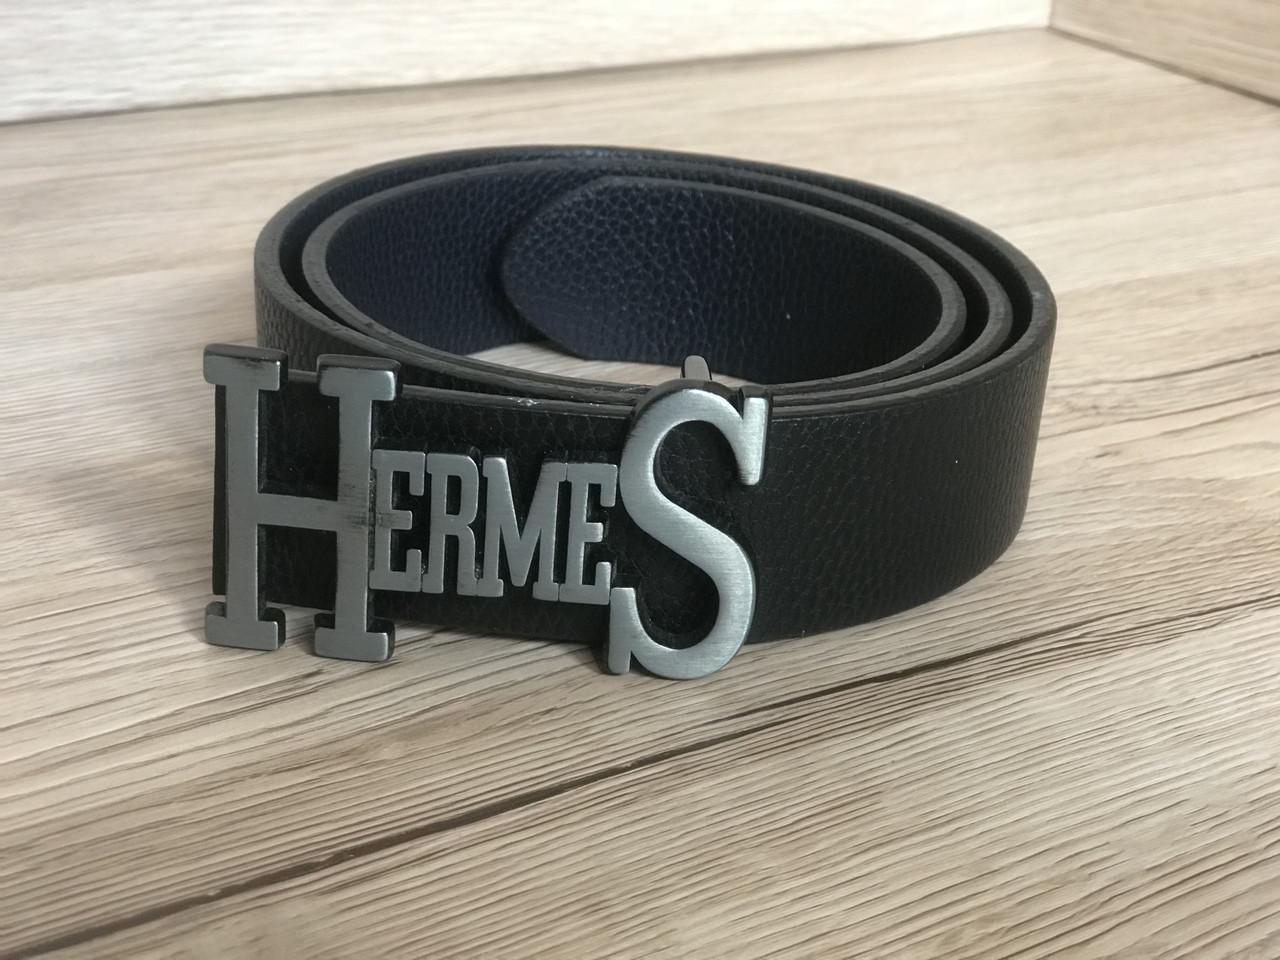 Ремень мужской Hermes Black  (реплика)